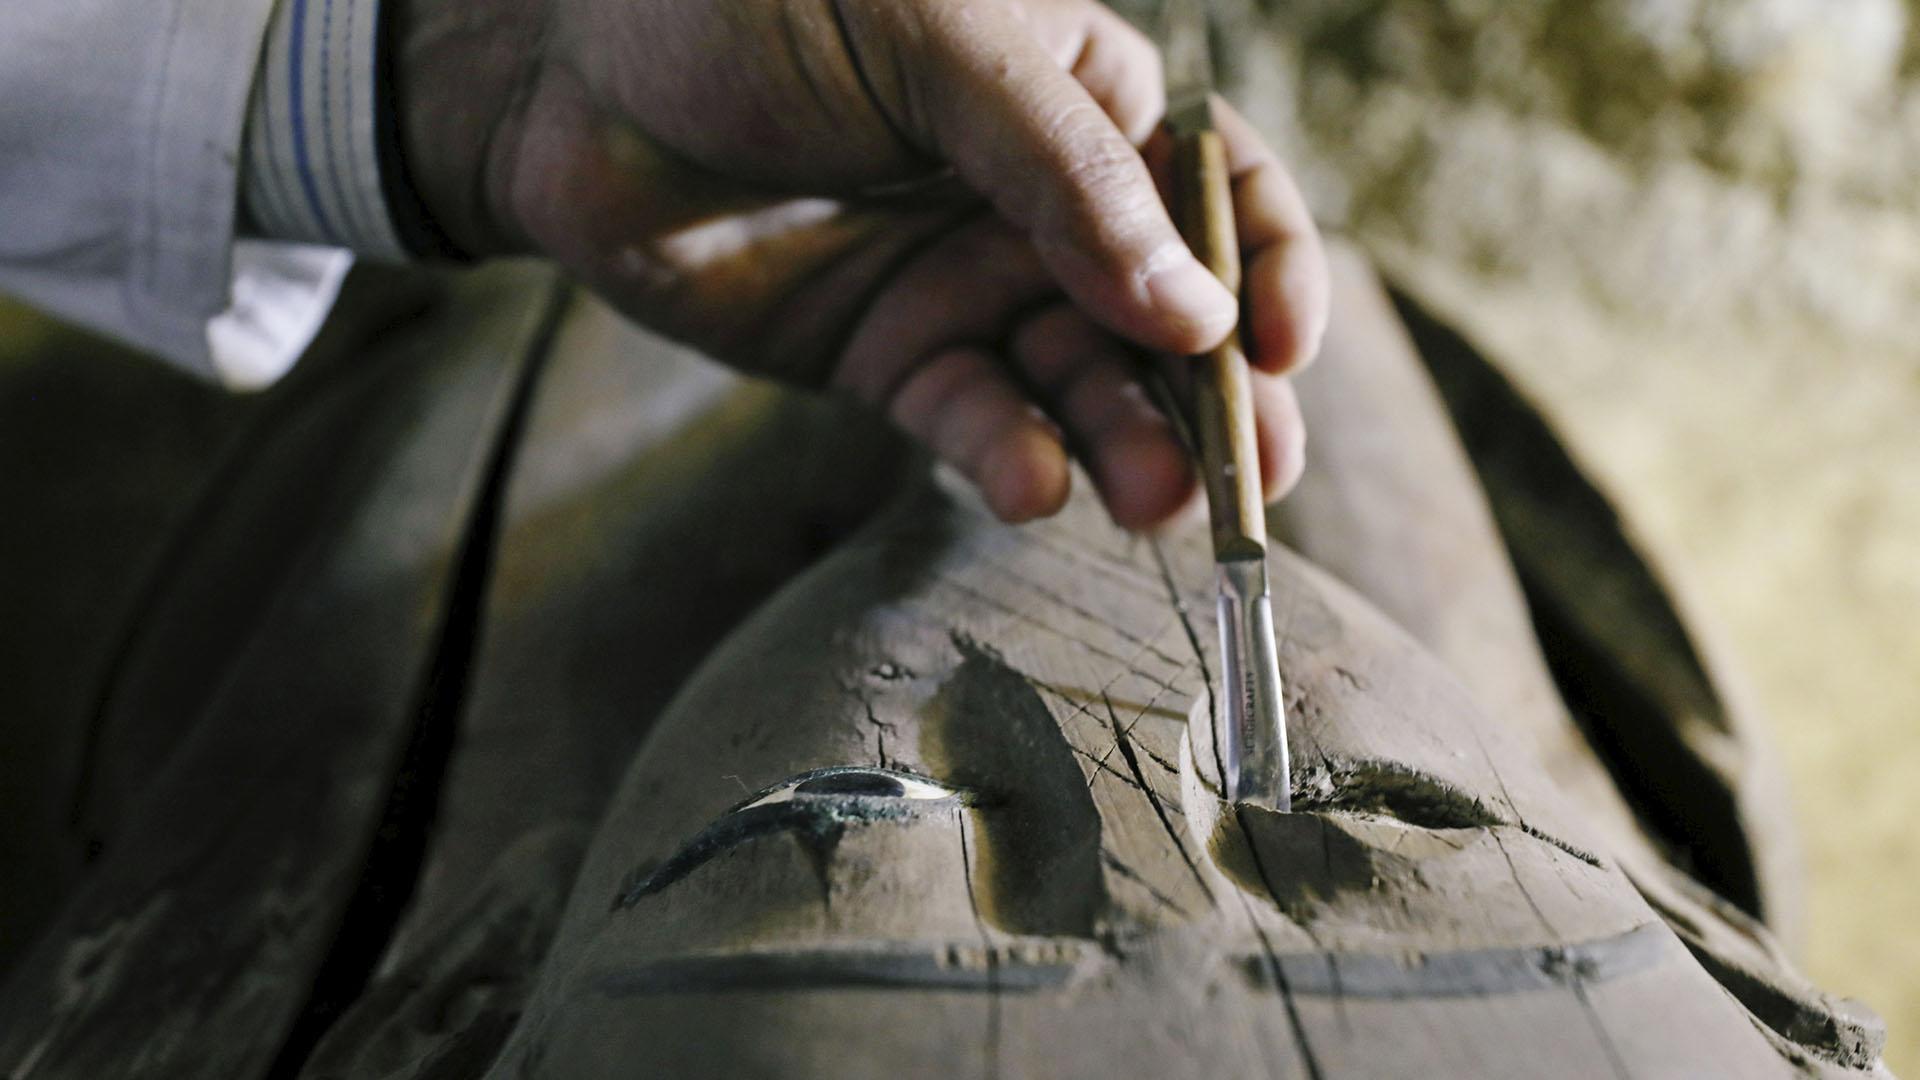 El ministro de Antigüedades, Khaled al-Anani, dijo que en la necrópolis se encuentran enterrados miembros de distintas familias. Se cree que corresponde a la última época faraónica (664-332 a.C.) y principios de la era ptolemaica (310-30 a.C.)